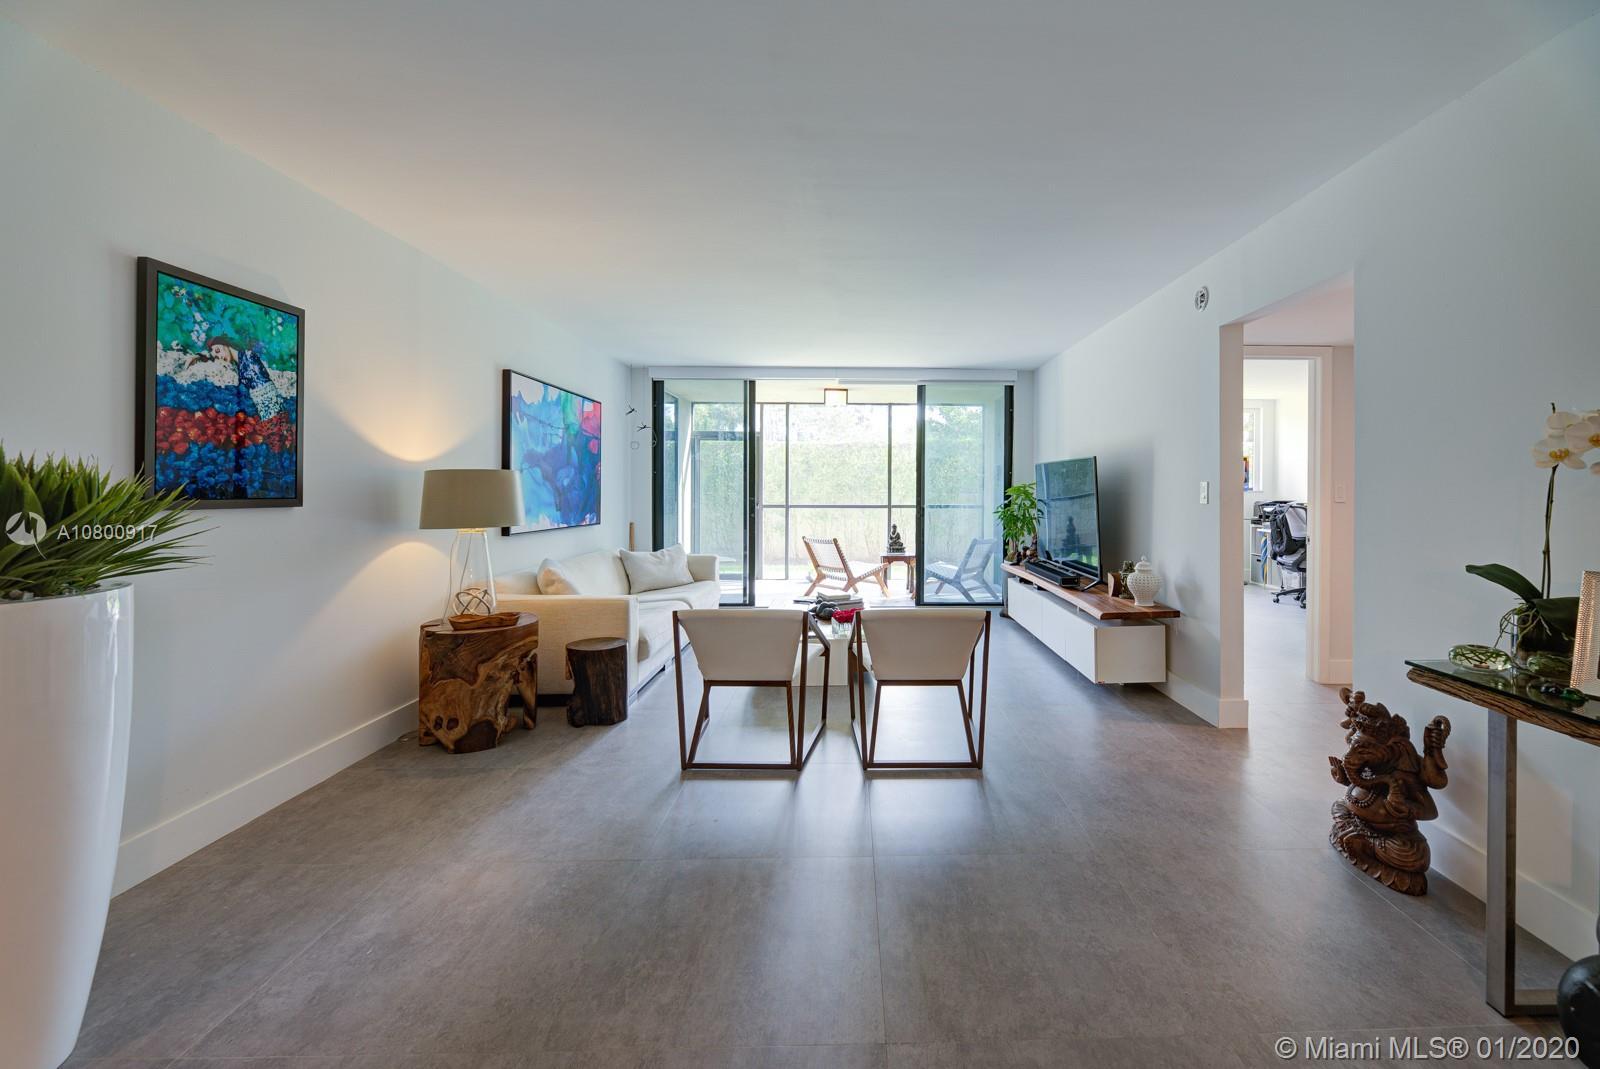 9735 NW 52nd St #119, Doral, FL 33178 - Doral, FL real estate listing